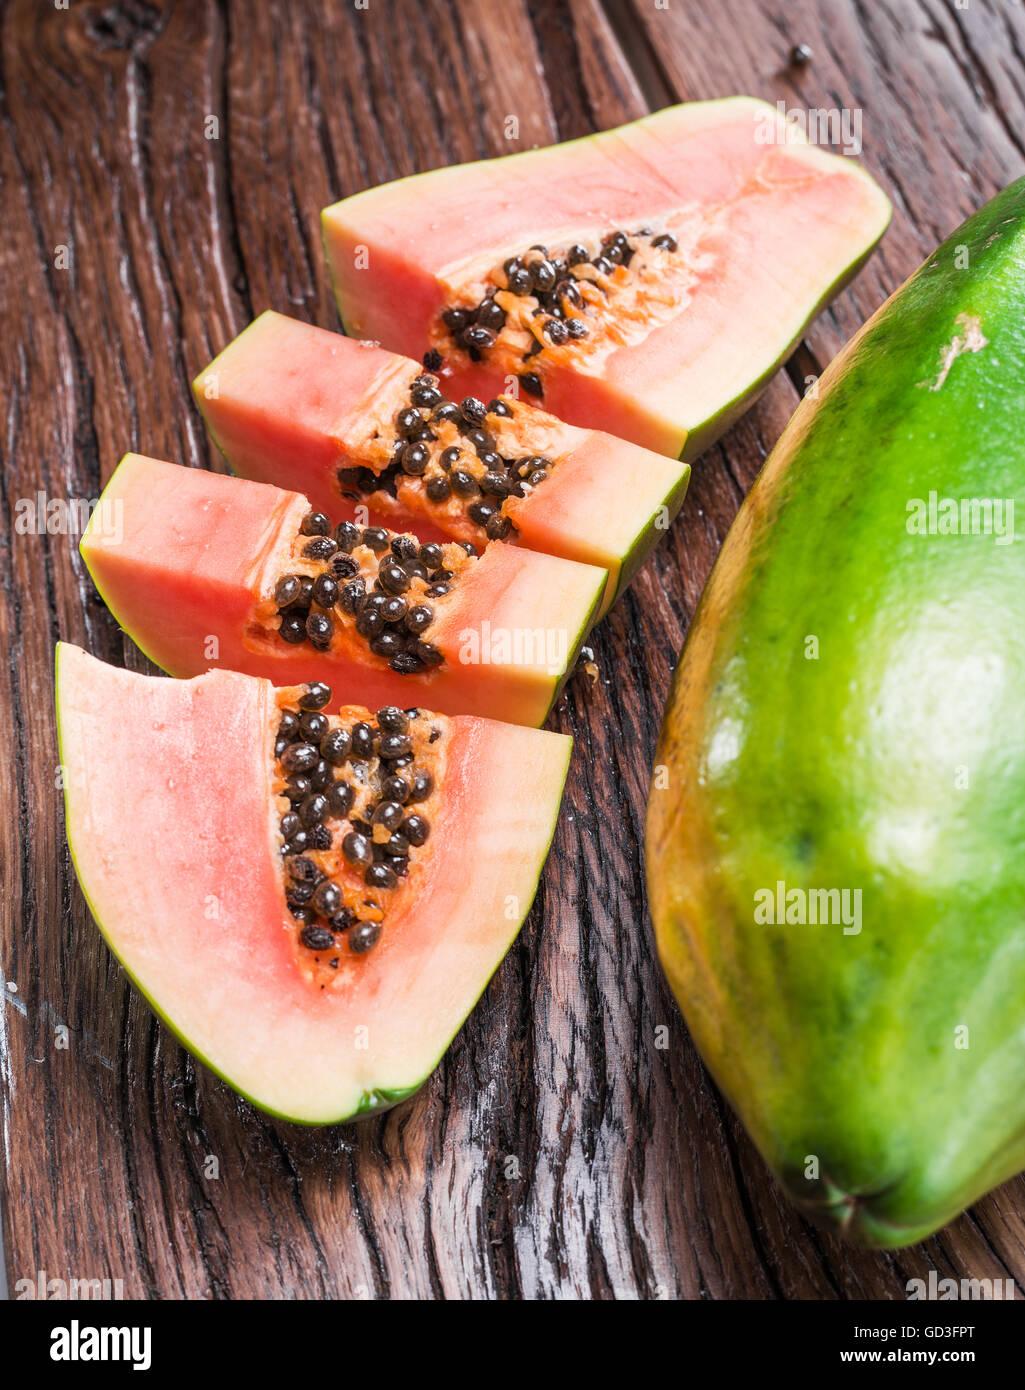 Papaya fruit on wooden background. - Stock Image